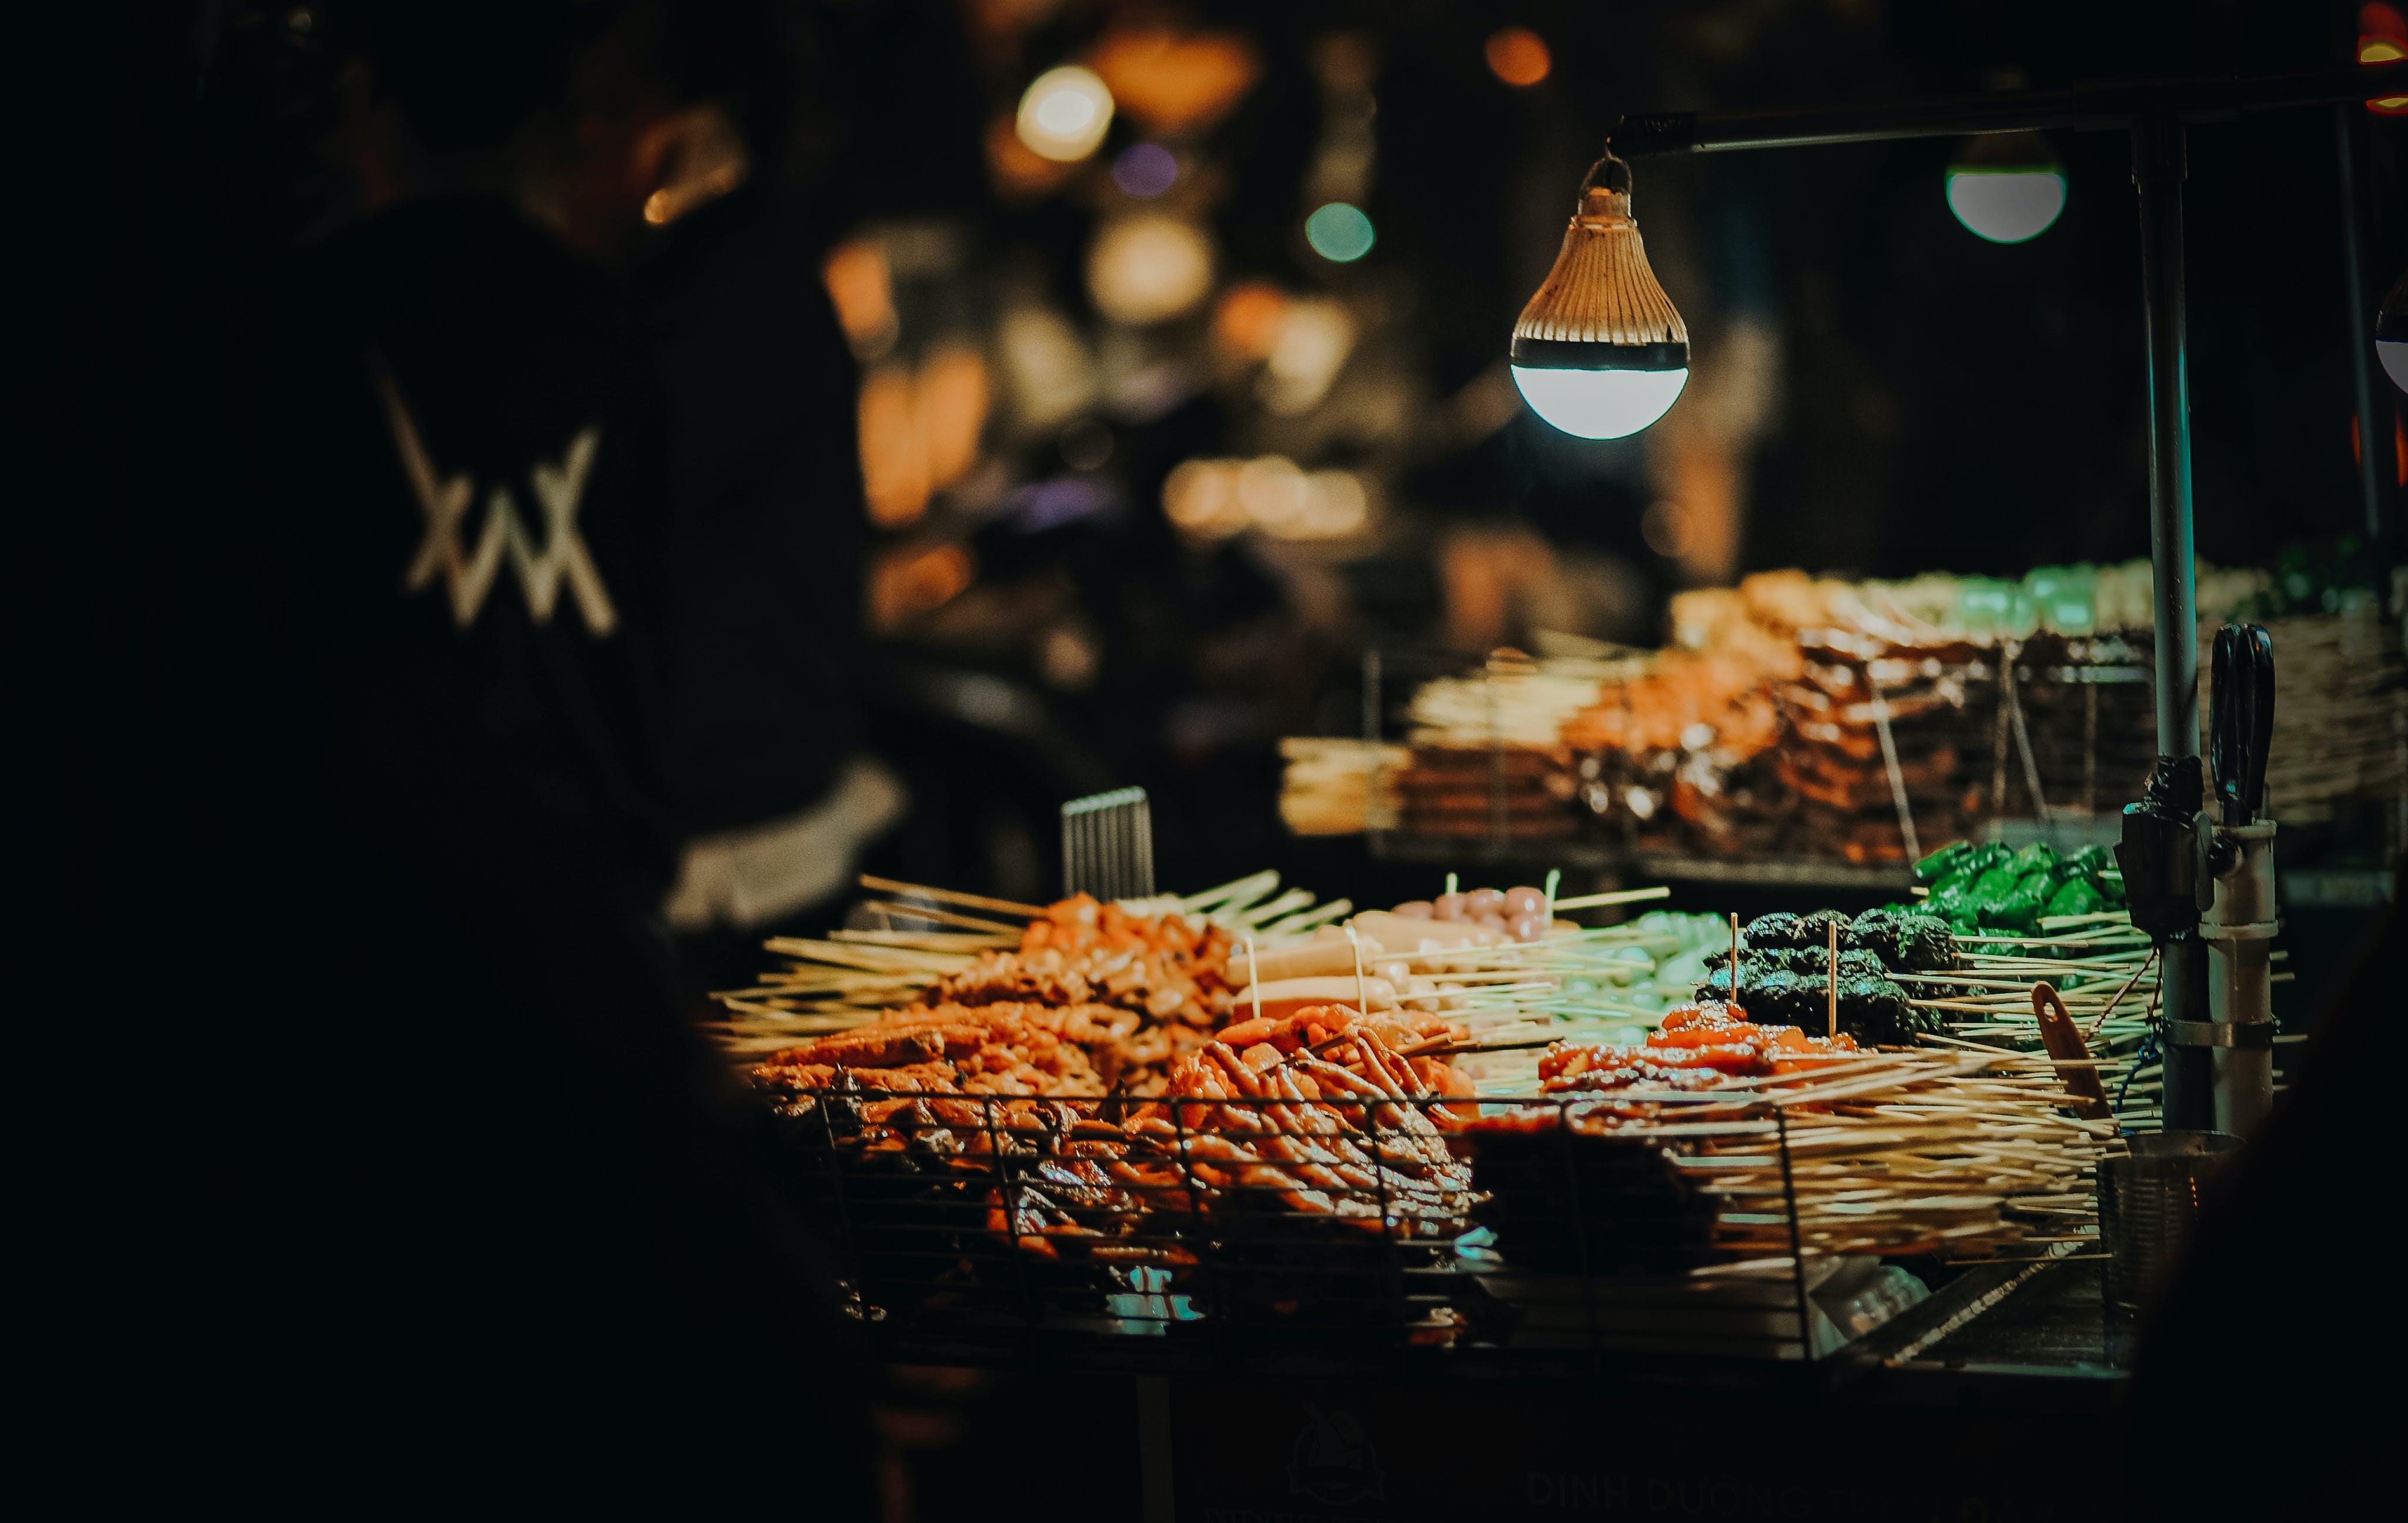 Kostenloses Stock Foto zu business, draußen, dunkel, essen